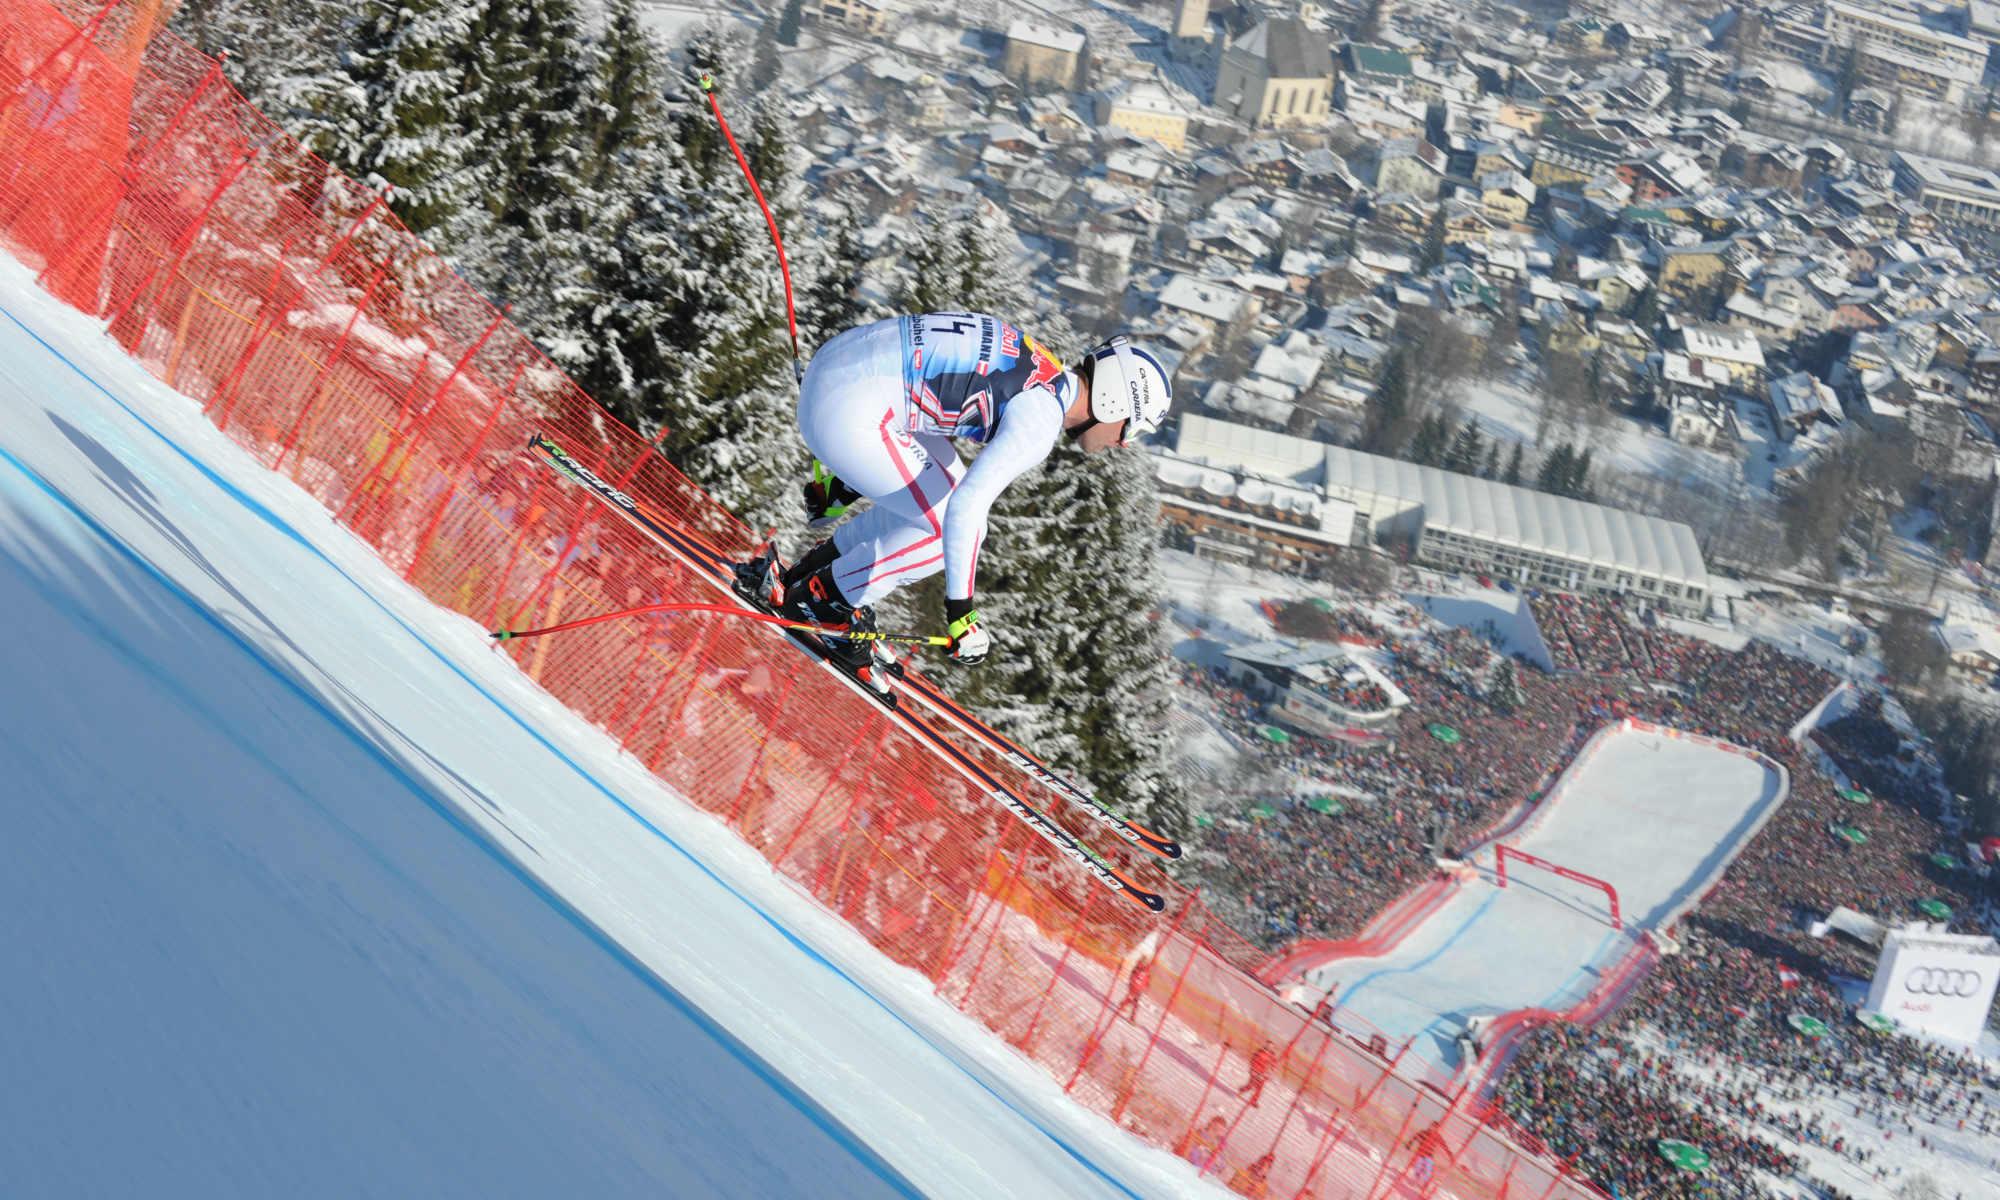 Ein professioneller Skifahrer auf dem Steilhang der Streif.